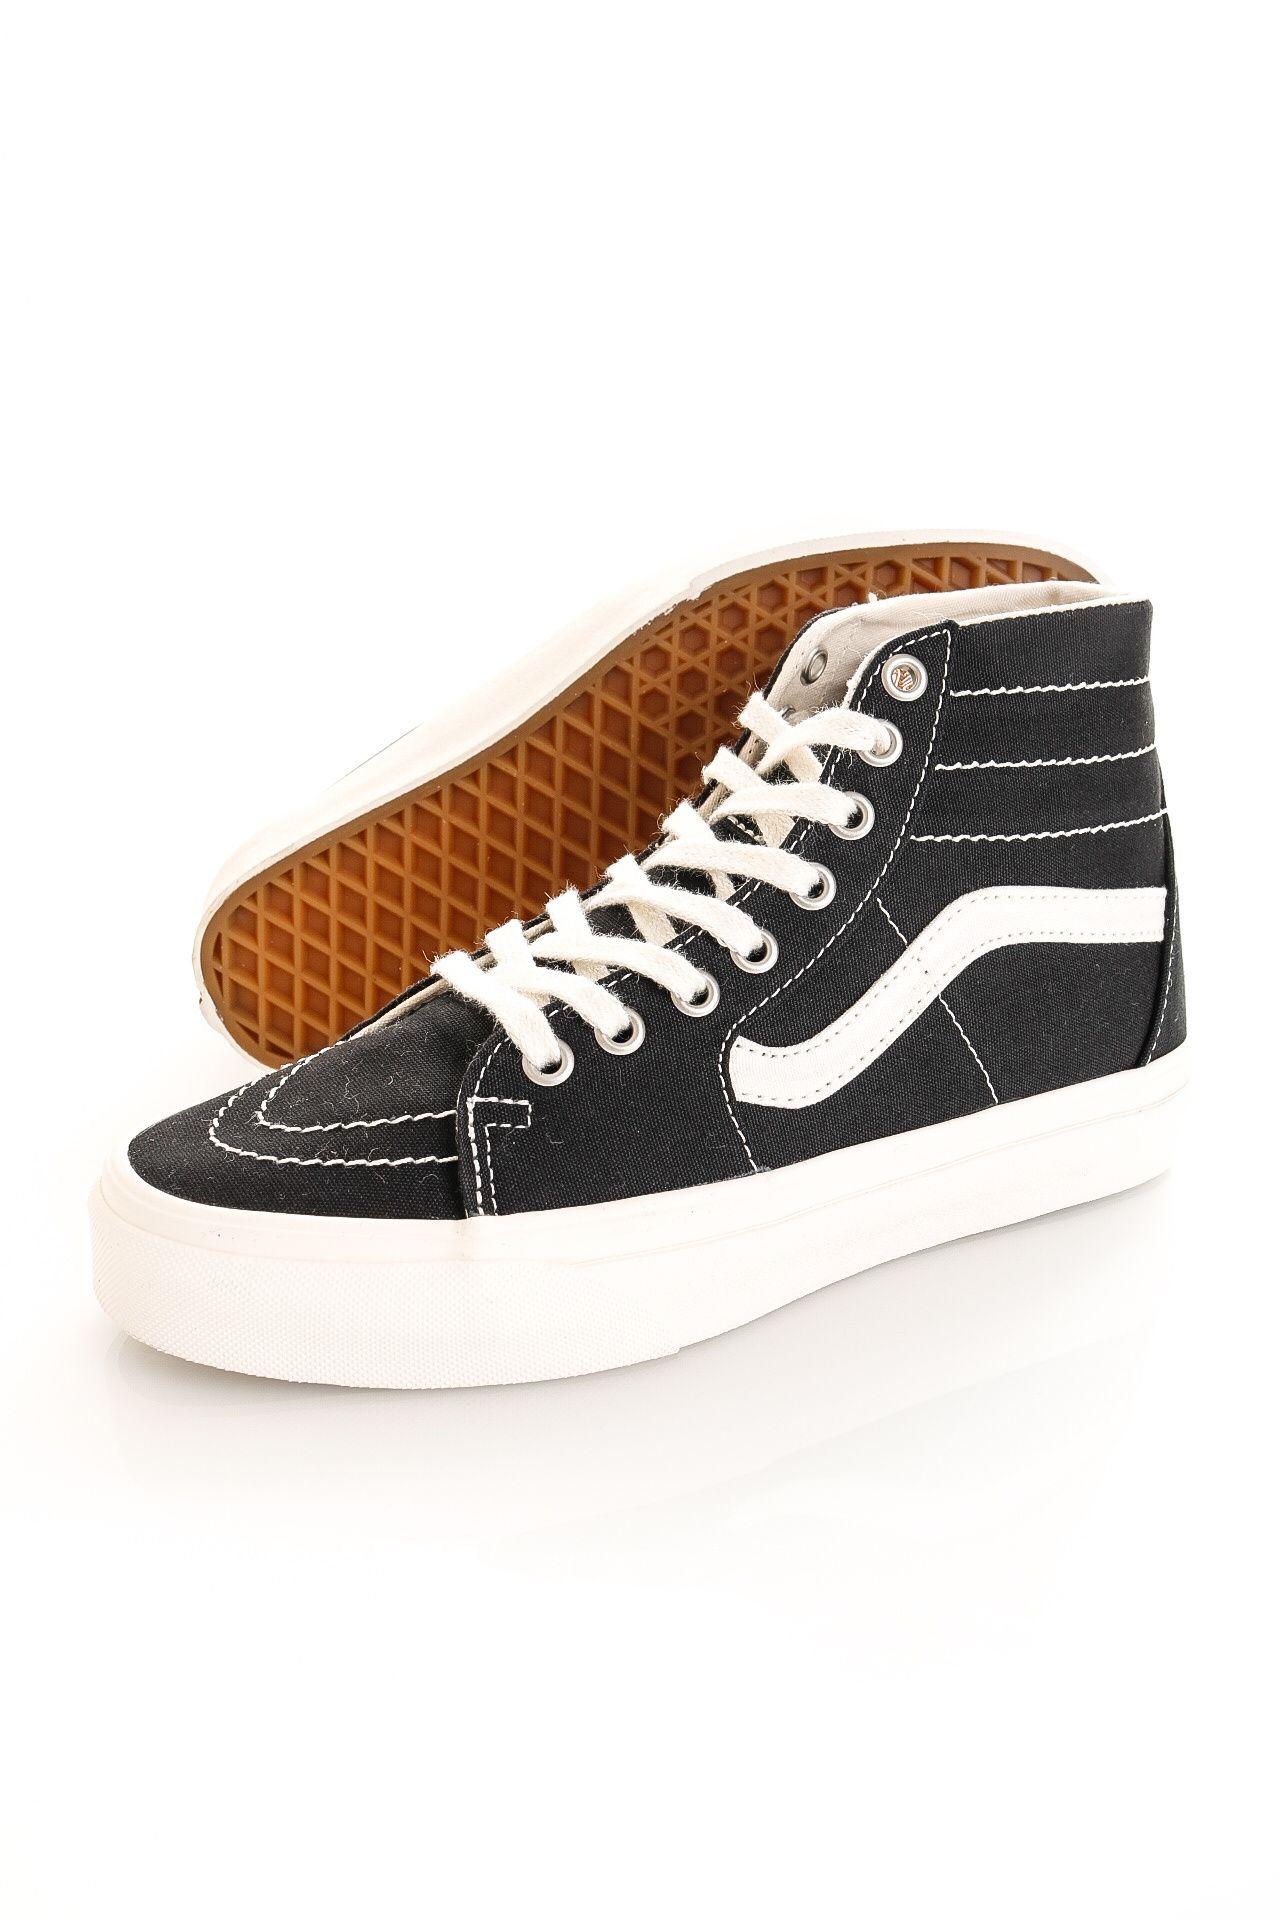 Afbeelding van Vans Sneakers UA SK8-Hi Tapered (Eco Theory) Blk/Natural VN0A4U169FN1